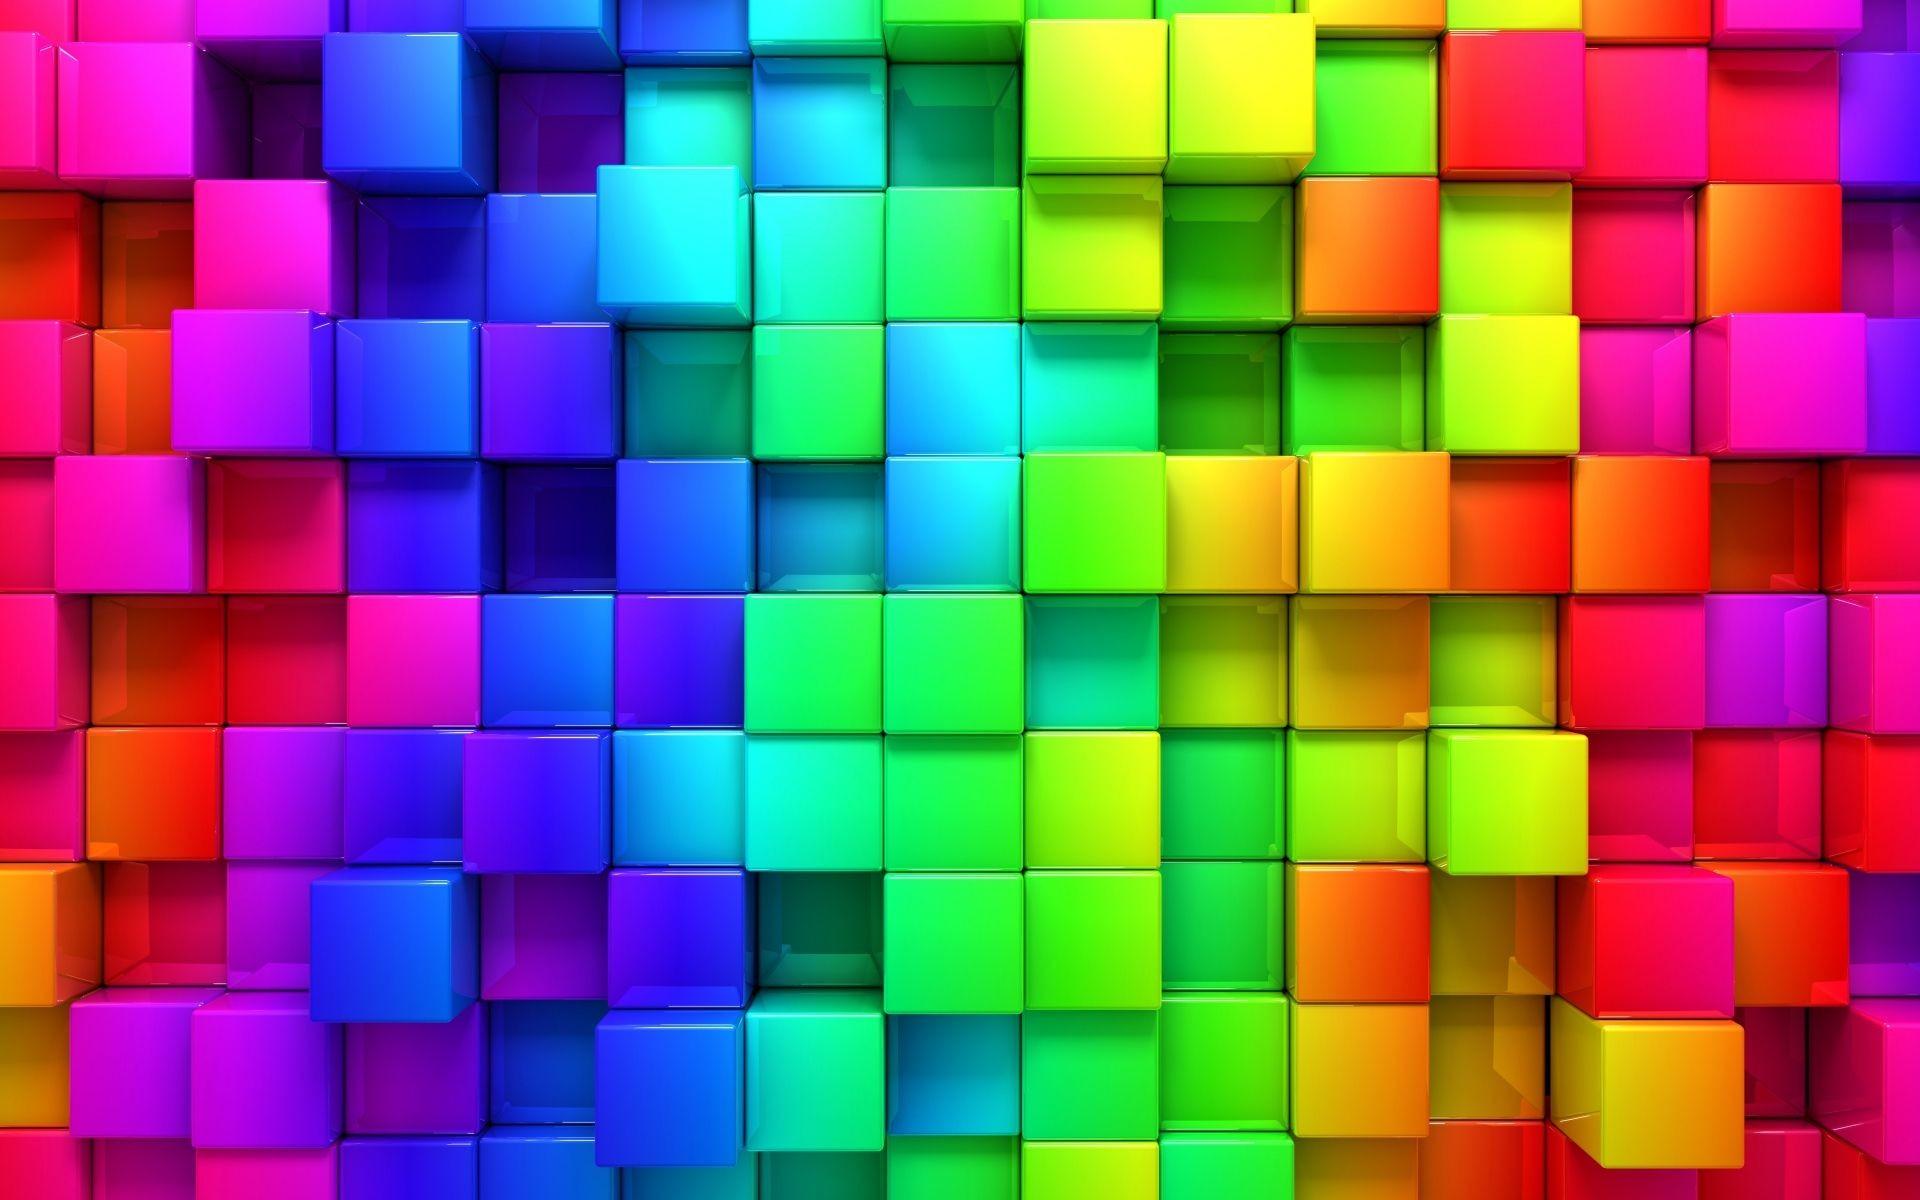 Colorful Desktop Background (74+ images)